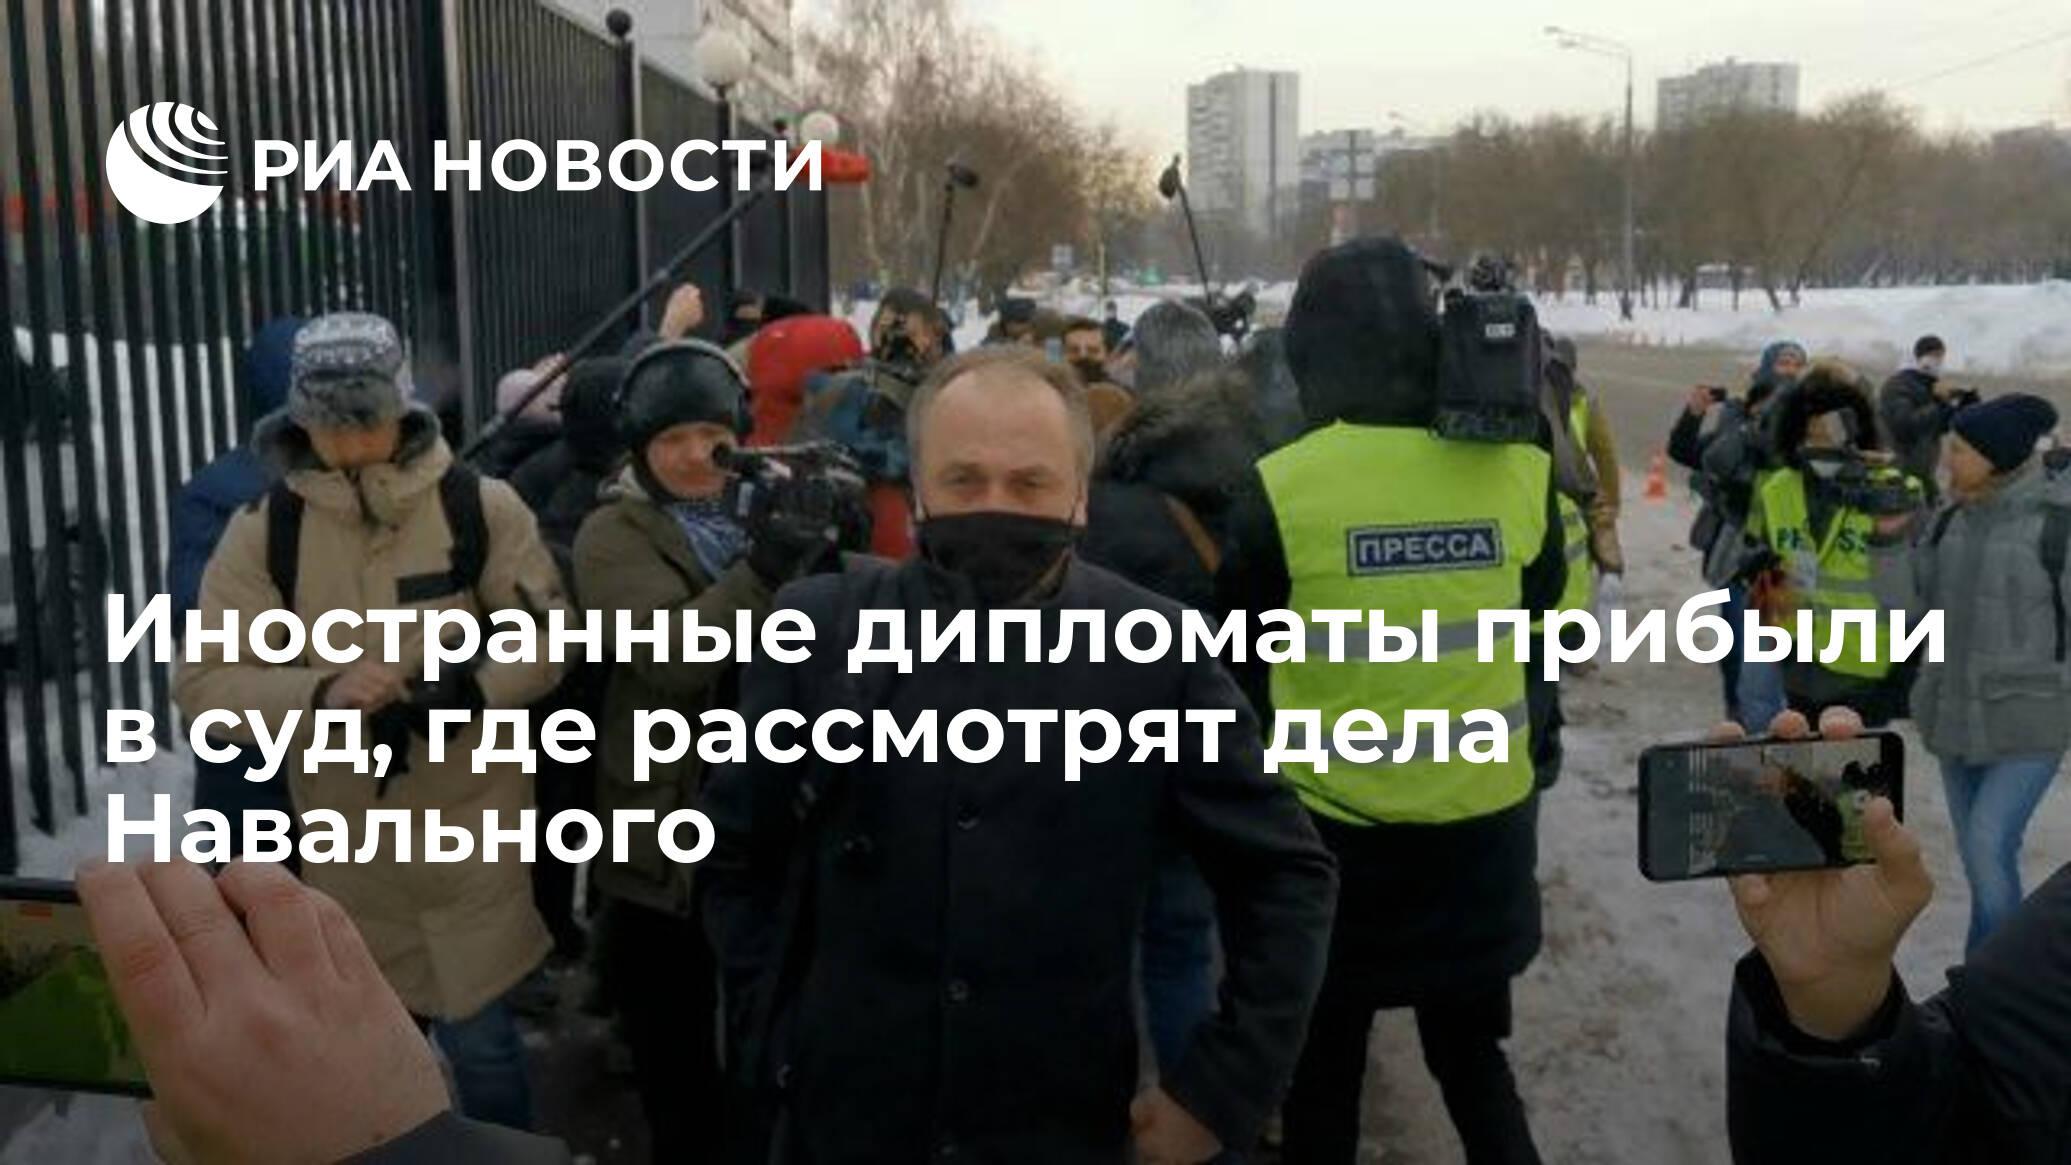 Иностранные дипломаты прибыли в суд, где рассмотрят дела Навального